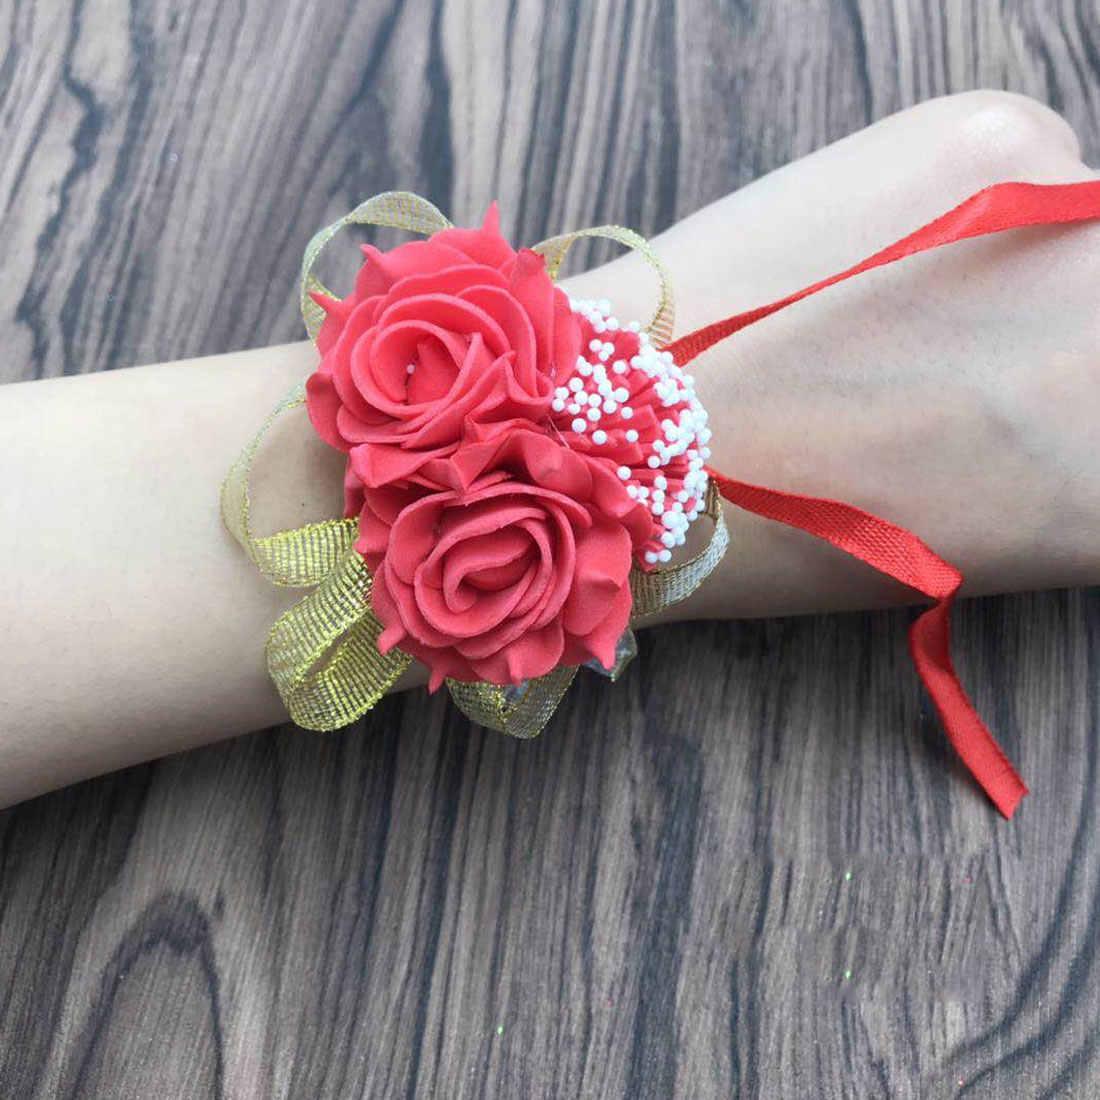 1 Pcs Buatan Rose Pernikahan Dekorasi Mariage Gelang Tangan Bunga Sutra Renda Busa PE Pengantin Bridesmaid Pergelangan Tangan Bunga